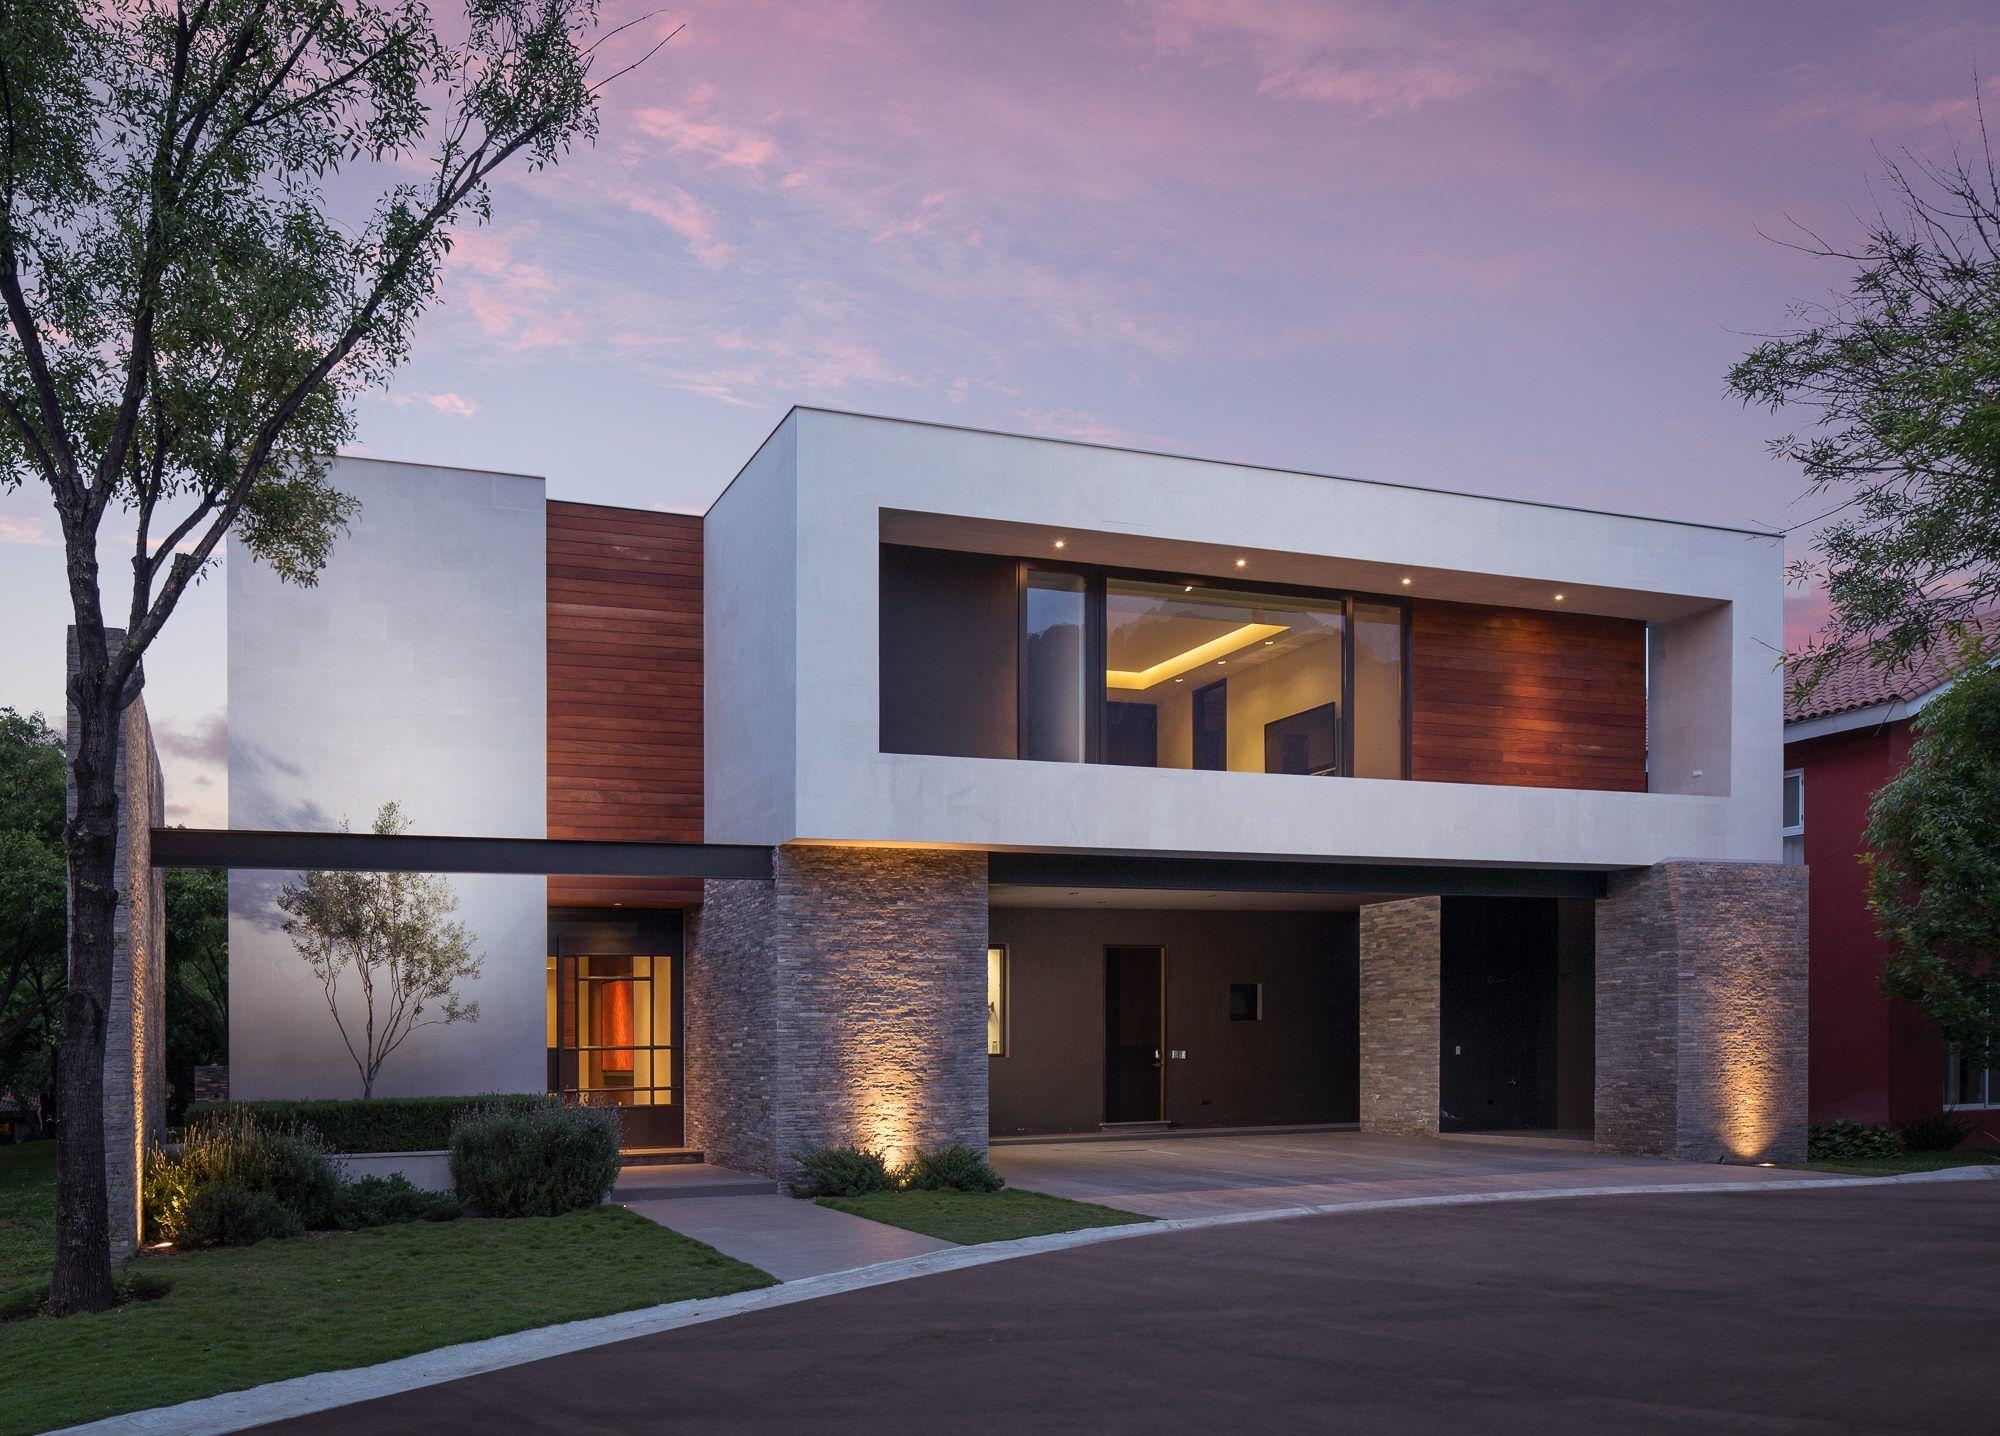 Pa vacio combinado madera y abertura palai franco - Casas arquitectura moderna ...